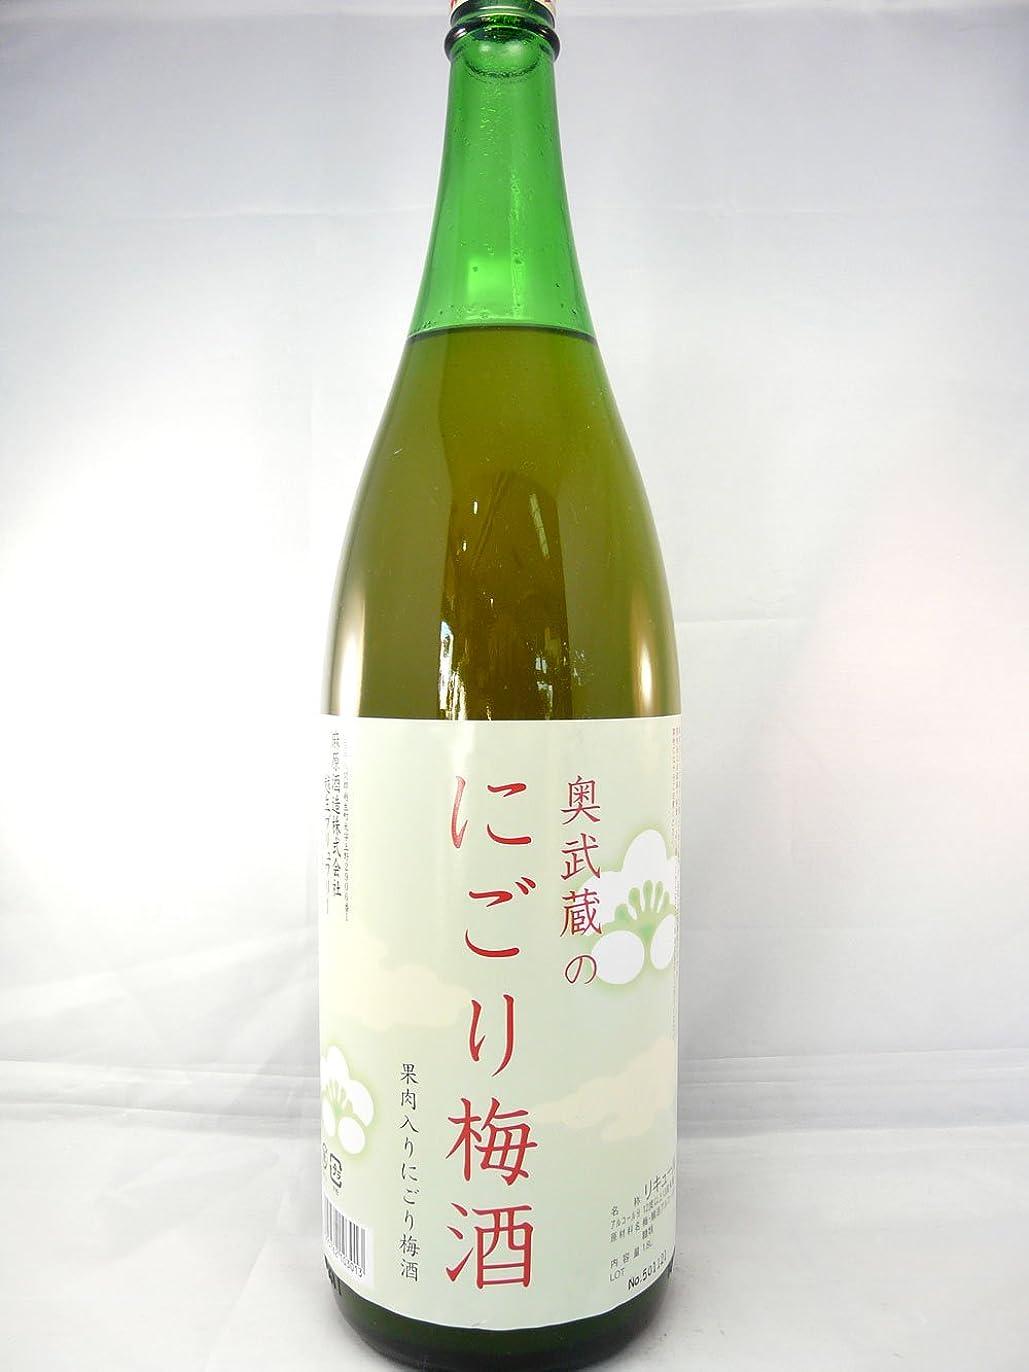 旅行代理店物理予言する奥武蔵のにごり梅酒 1800ml